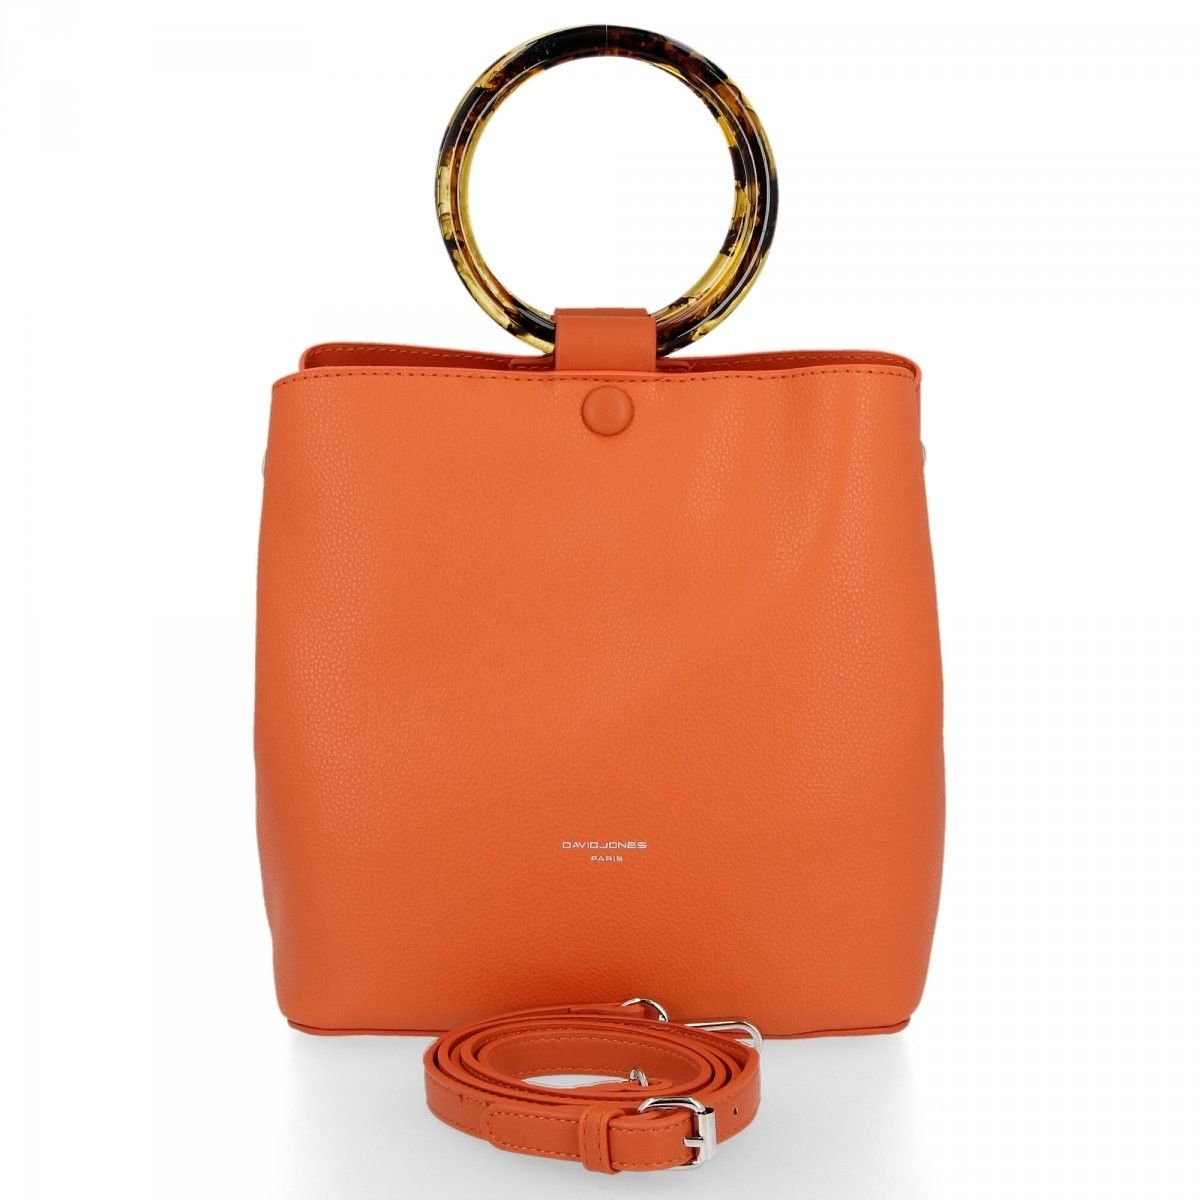 Uniwersalne Torebki Damskie do noszenia na co dzień firmy David Jones Pomarańczowa (kolory)